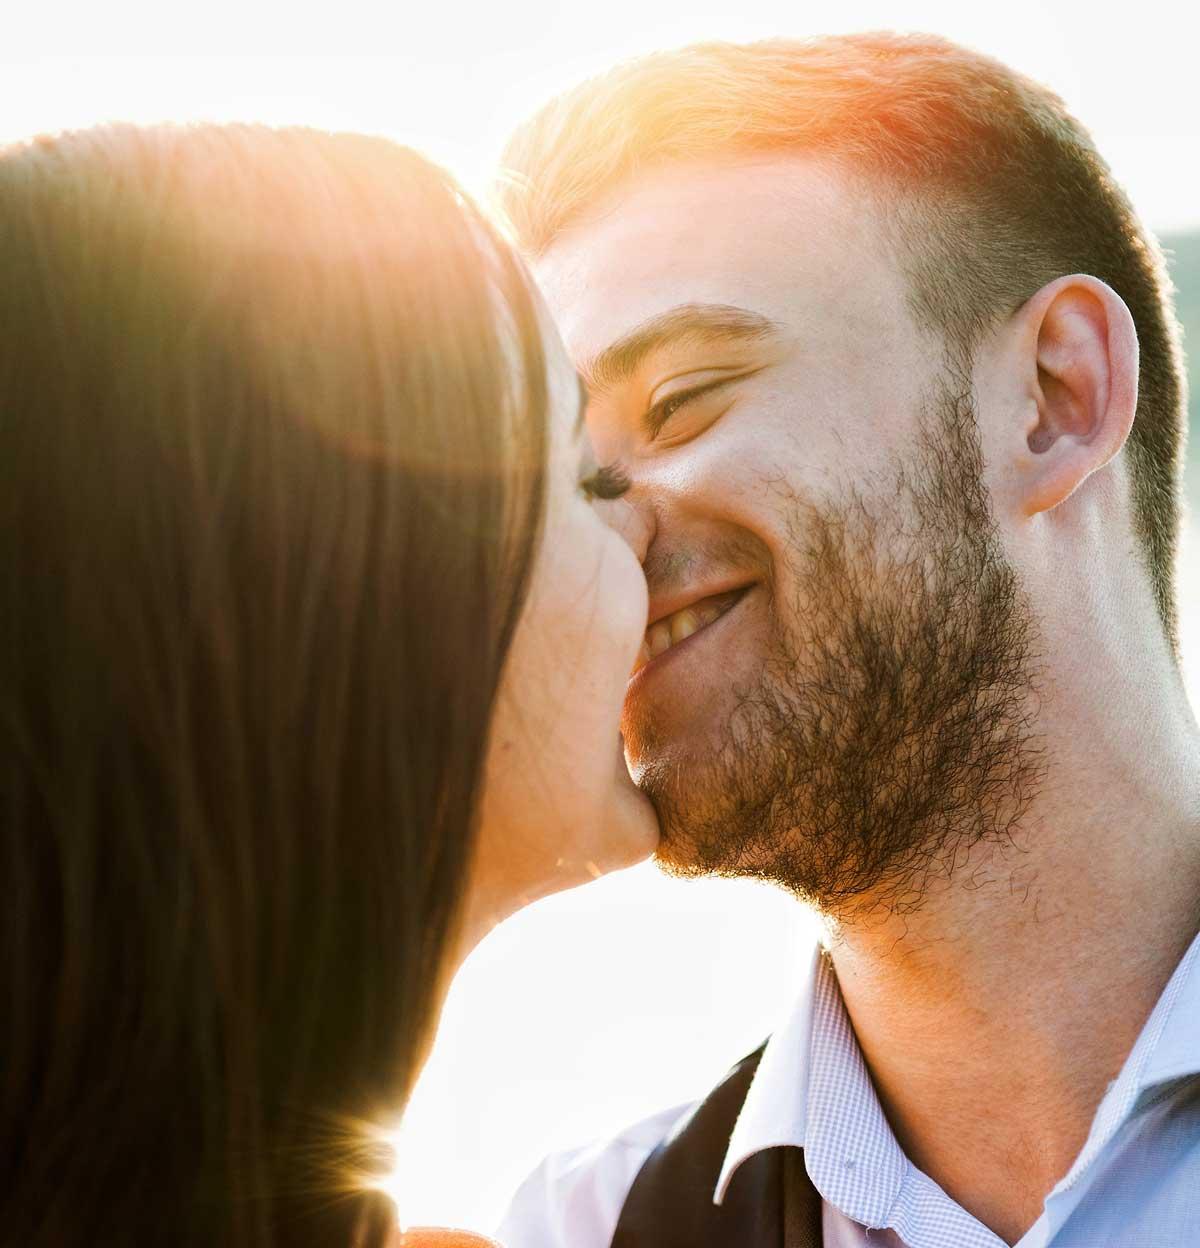 Küssen mit 3-Tage-Bart ohne piksen